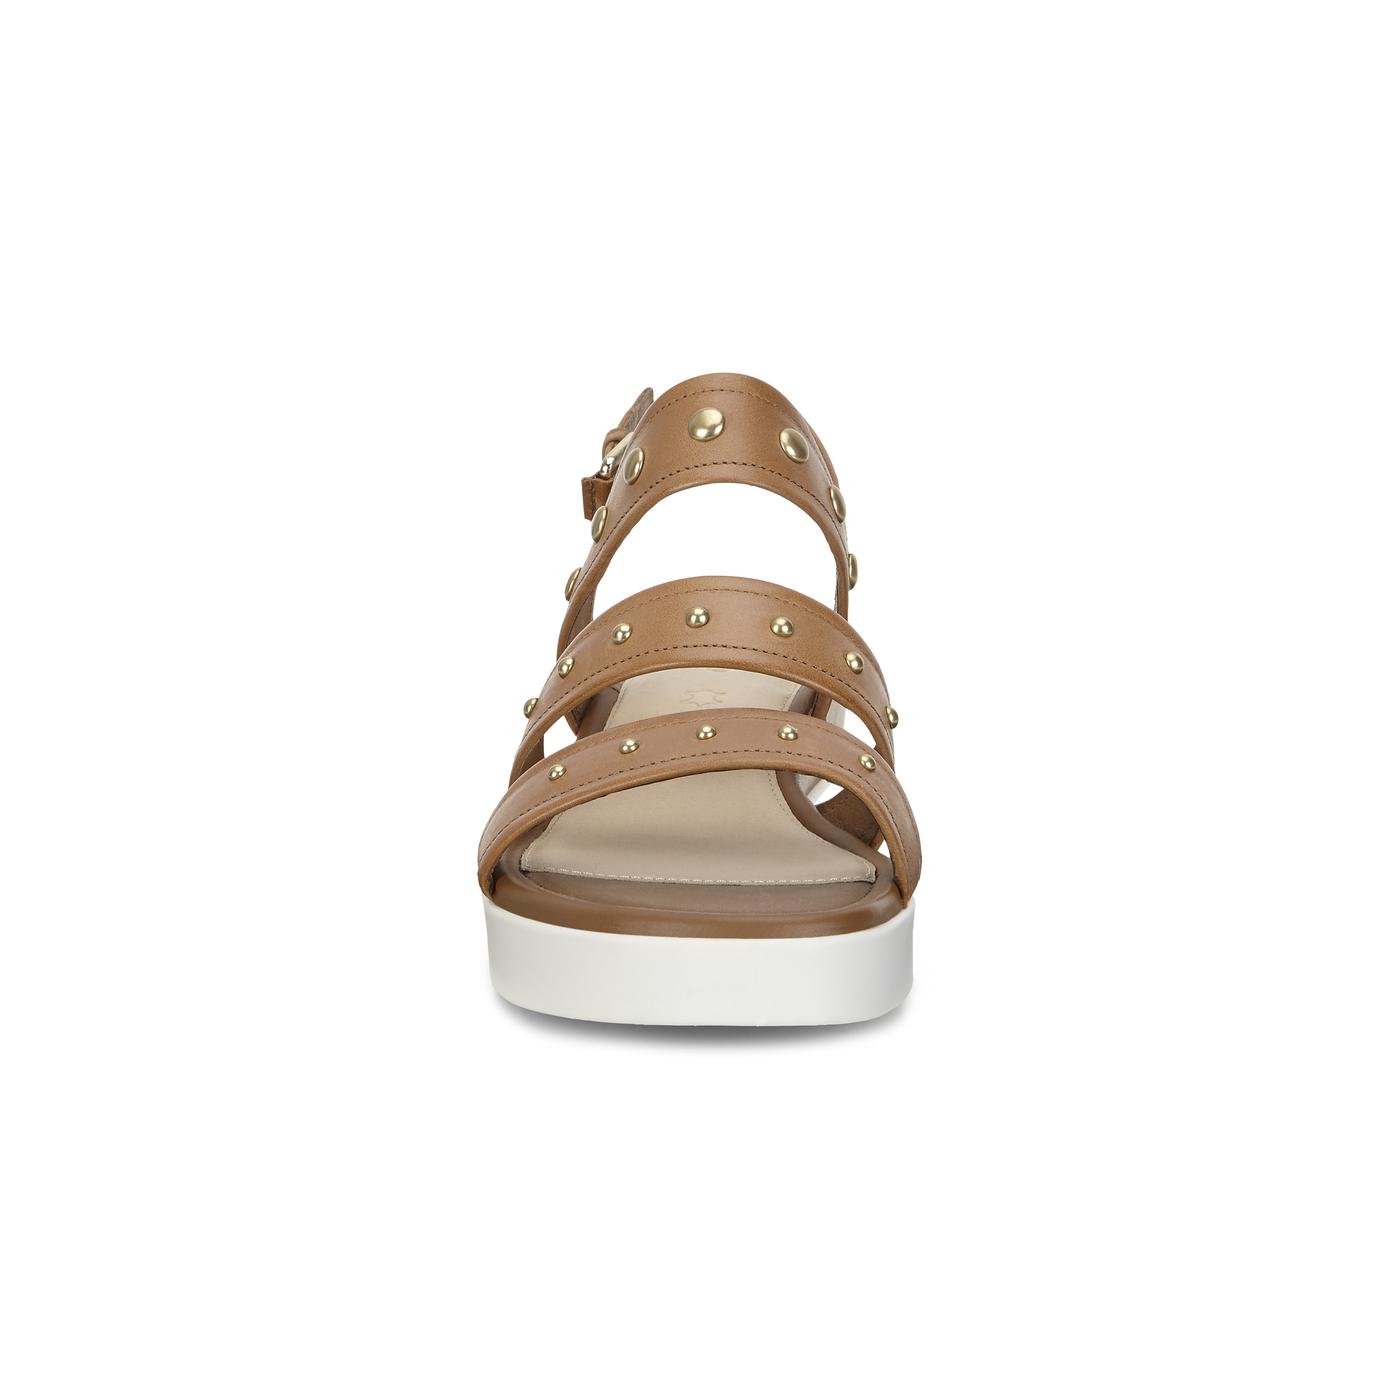 ECCO TOUCH SANDAL PLATEAU Strap Sandal